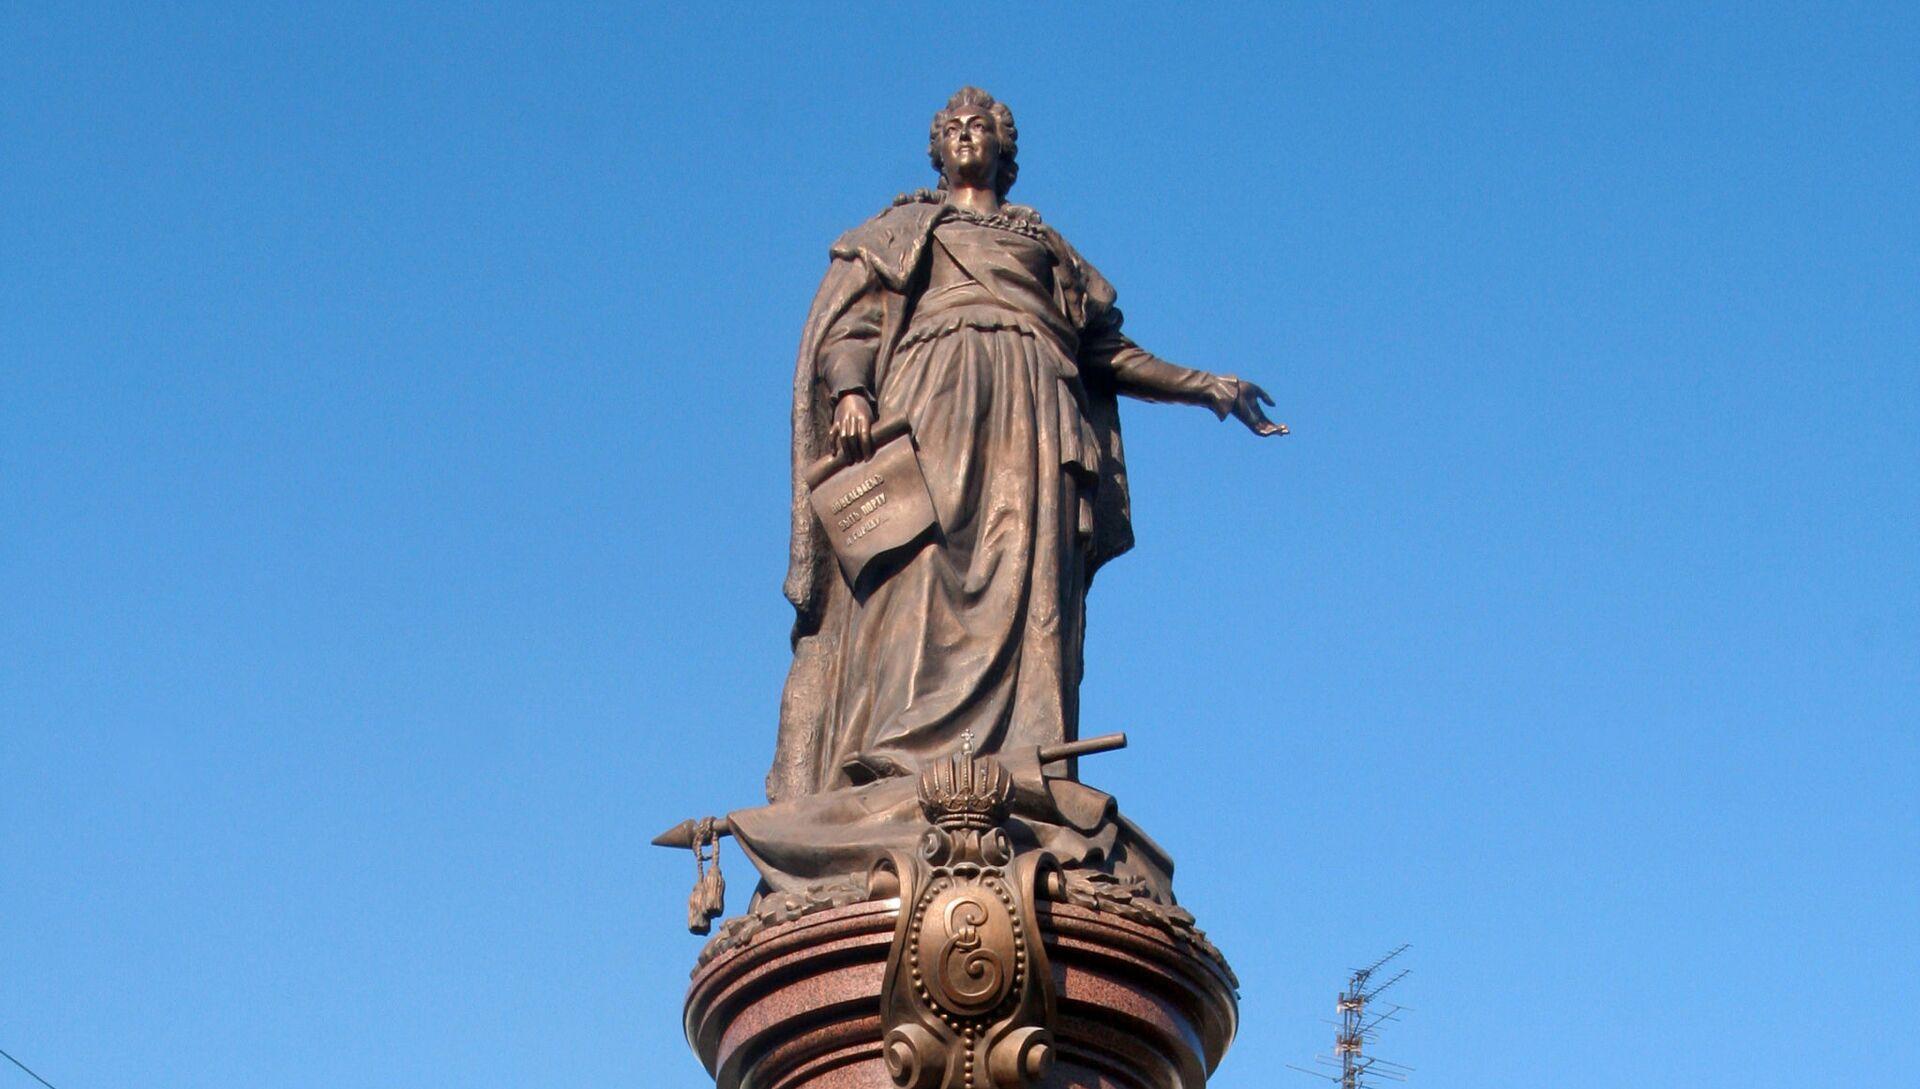 Памятник российской императрице Екатерине ІІ в Одессе - РИА Новости, 1920, 08.11.2020